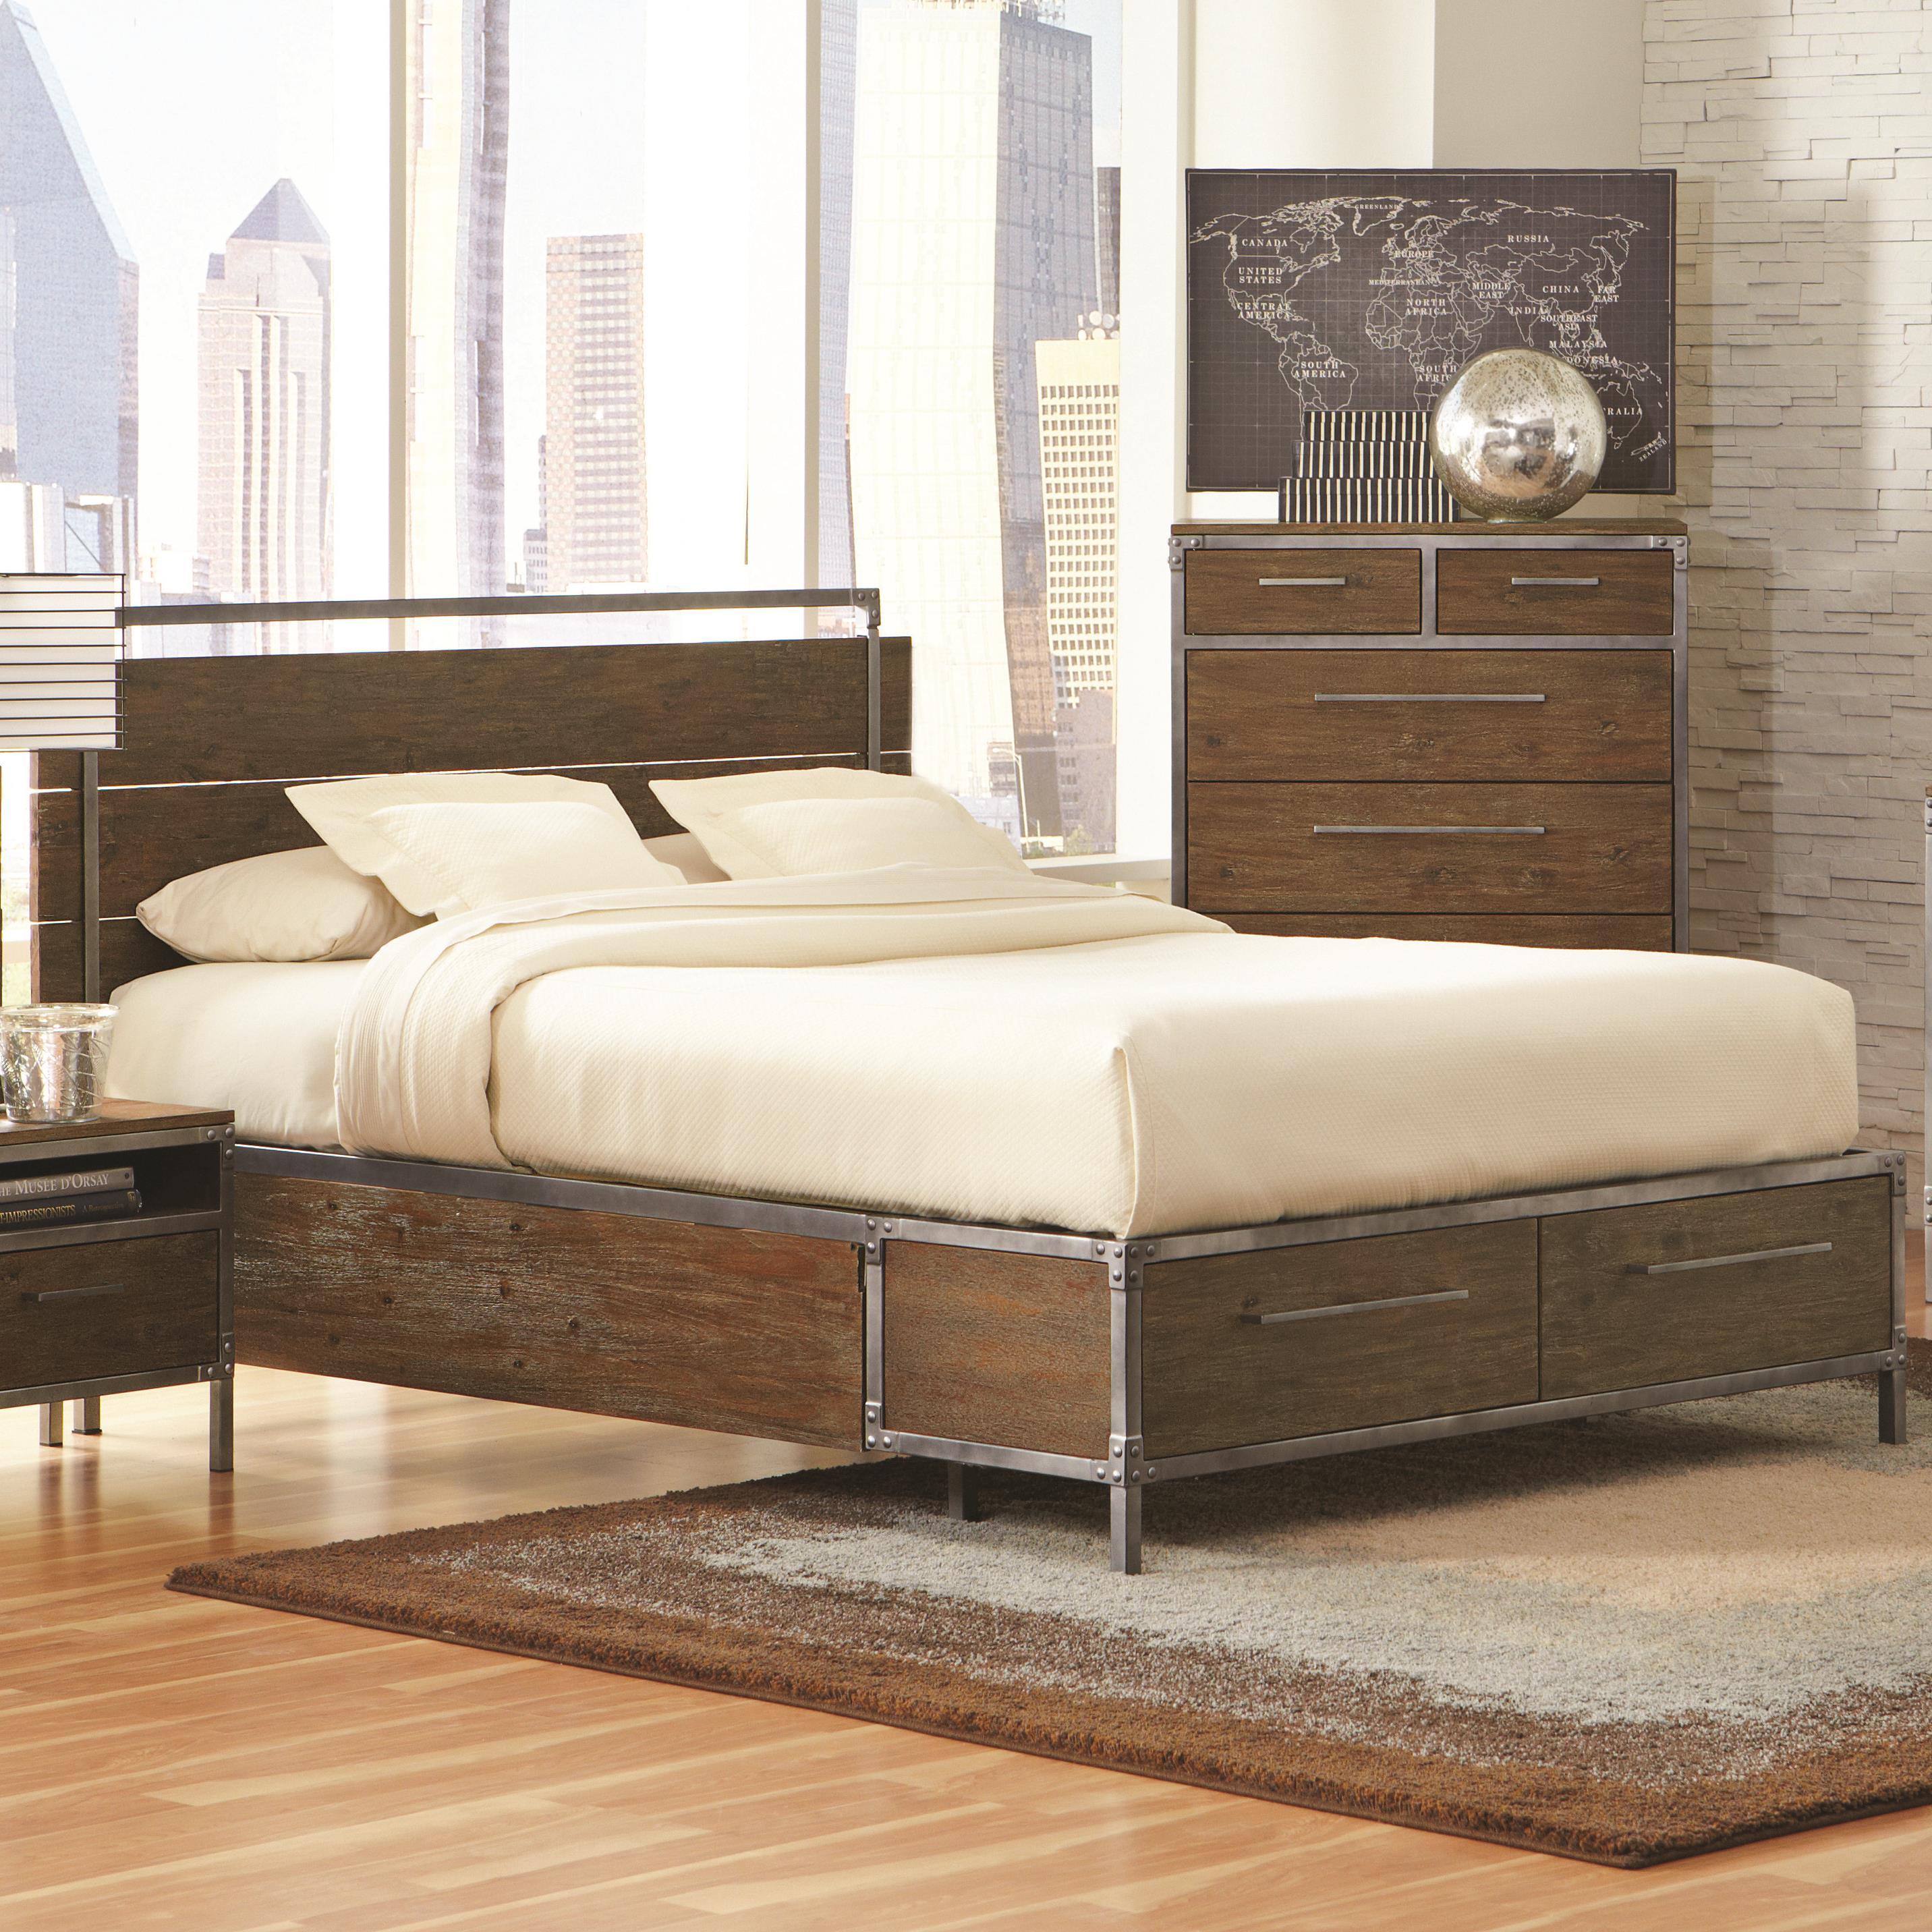 Coaster Arcadia 20380 King Platform Bed - Item Number: 203801KE